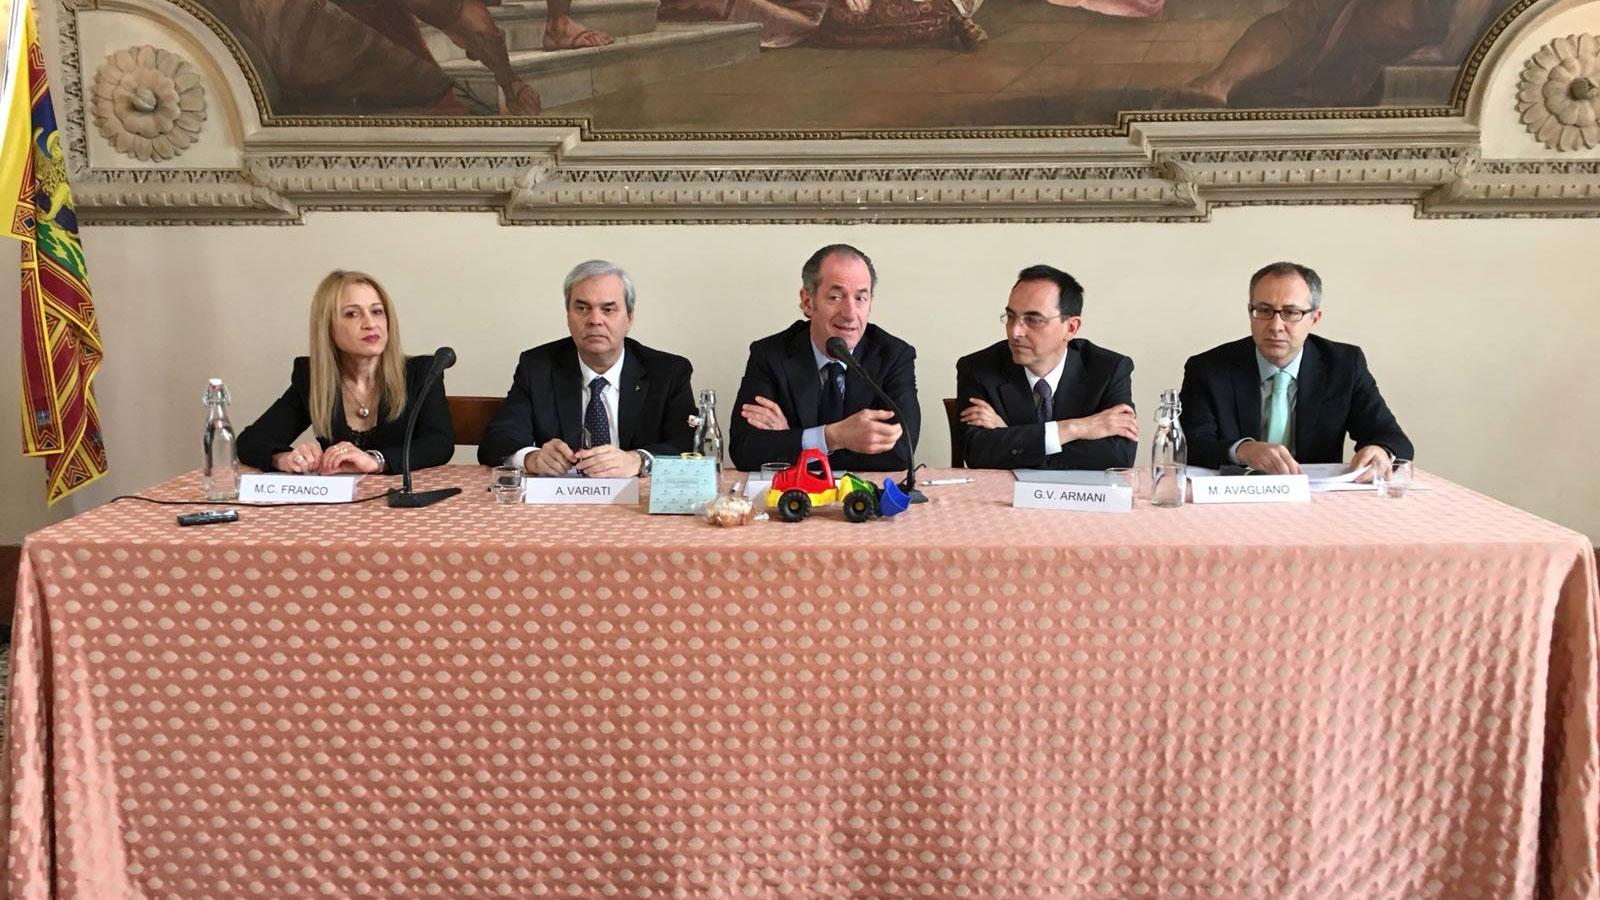 Foto 1 - Consegna dei lavori di completamento Tangenziale di Vicenza